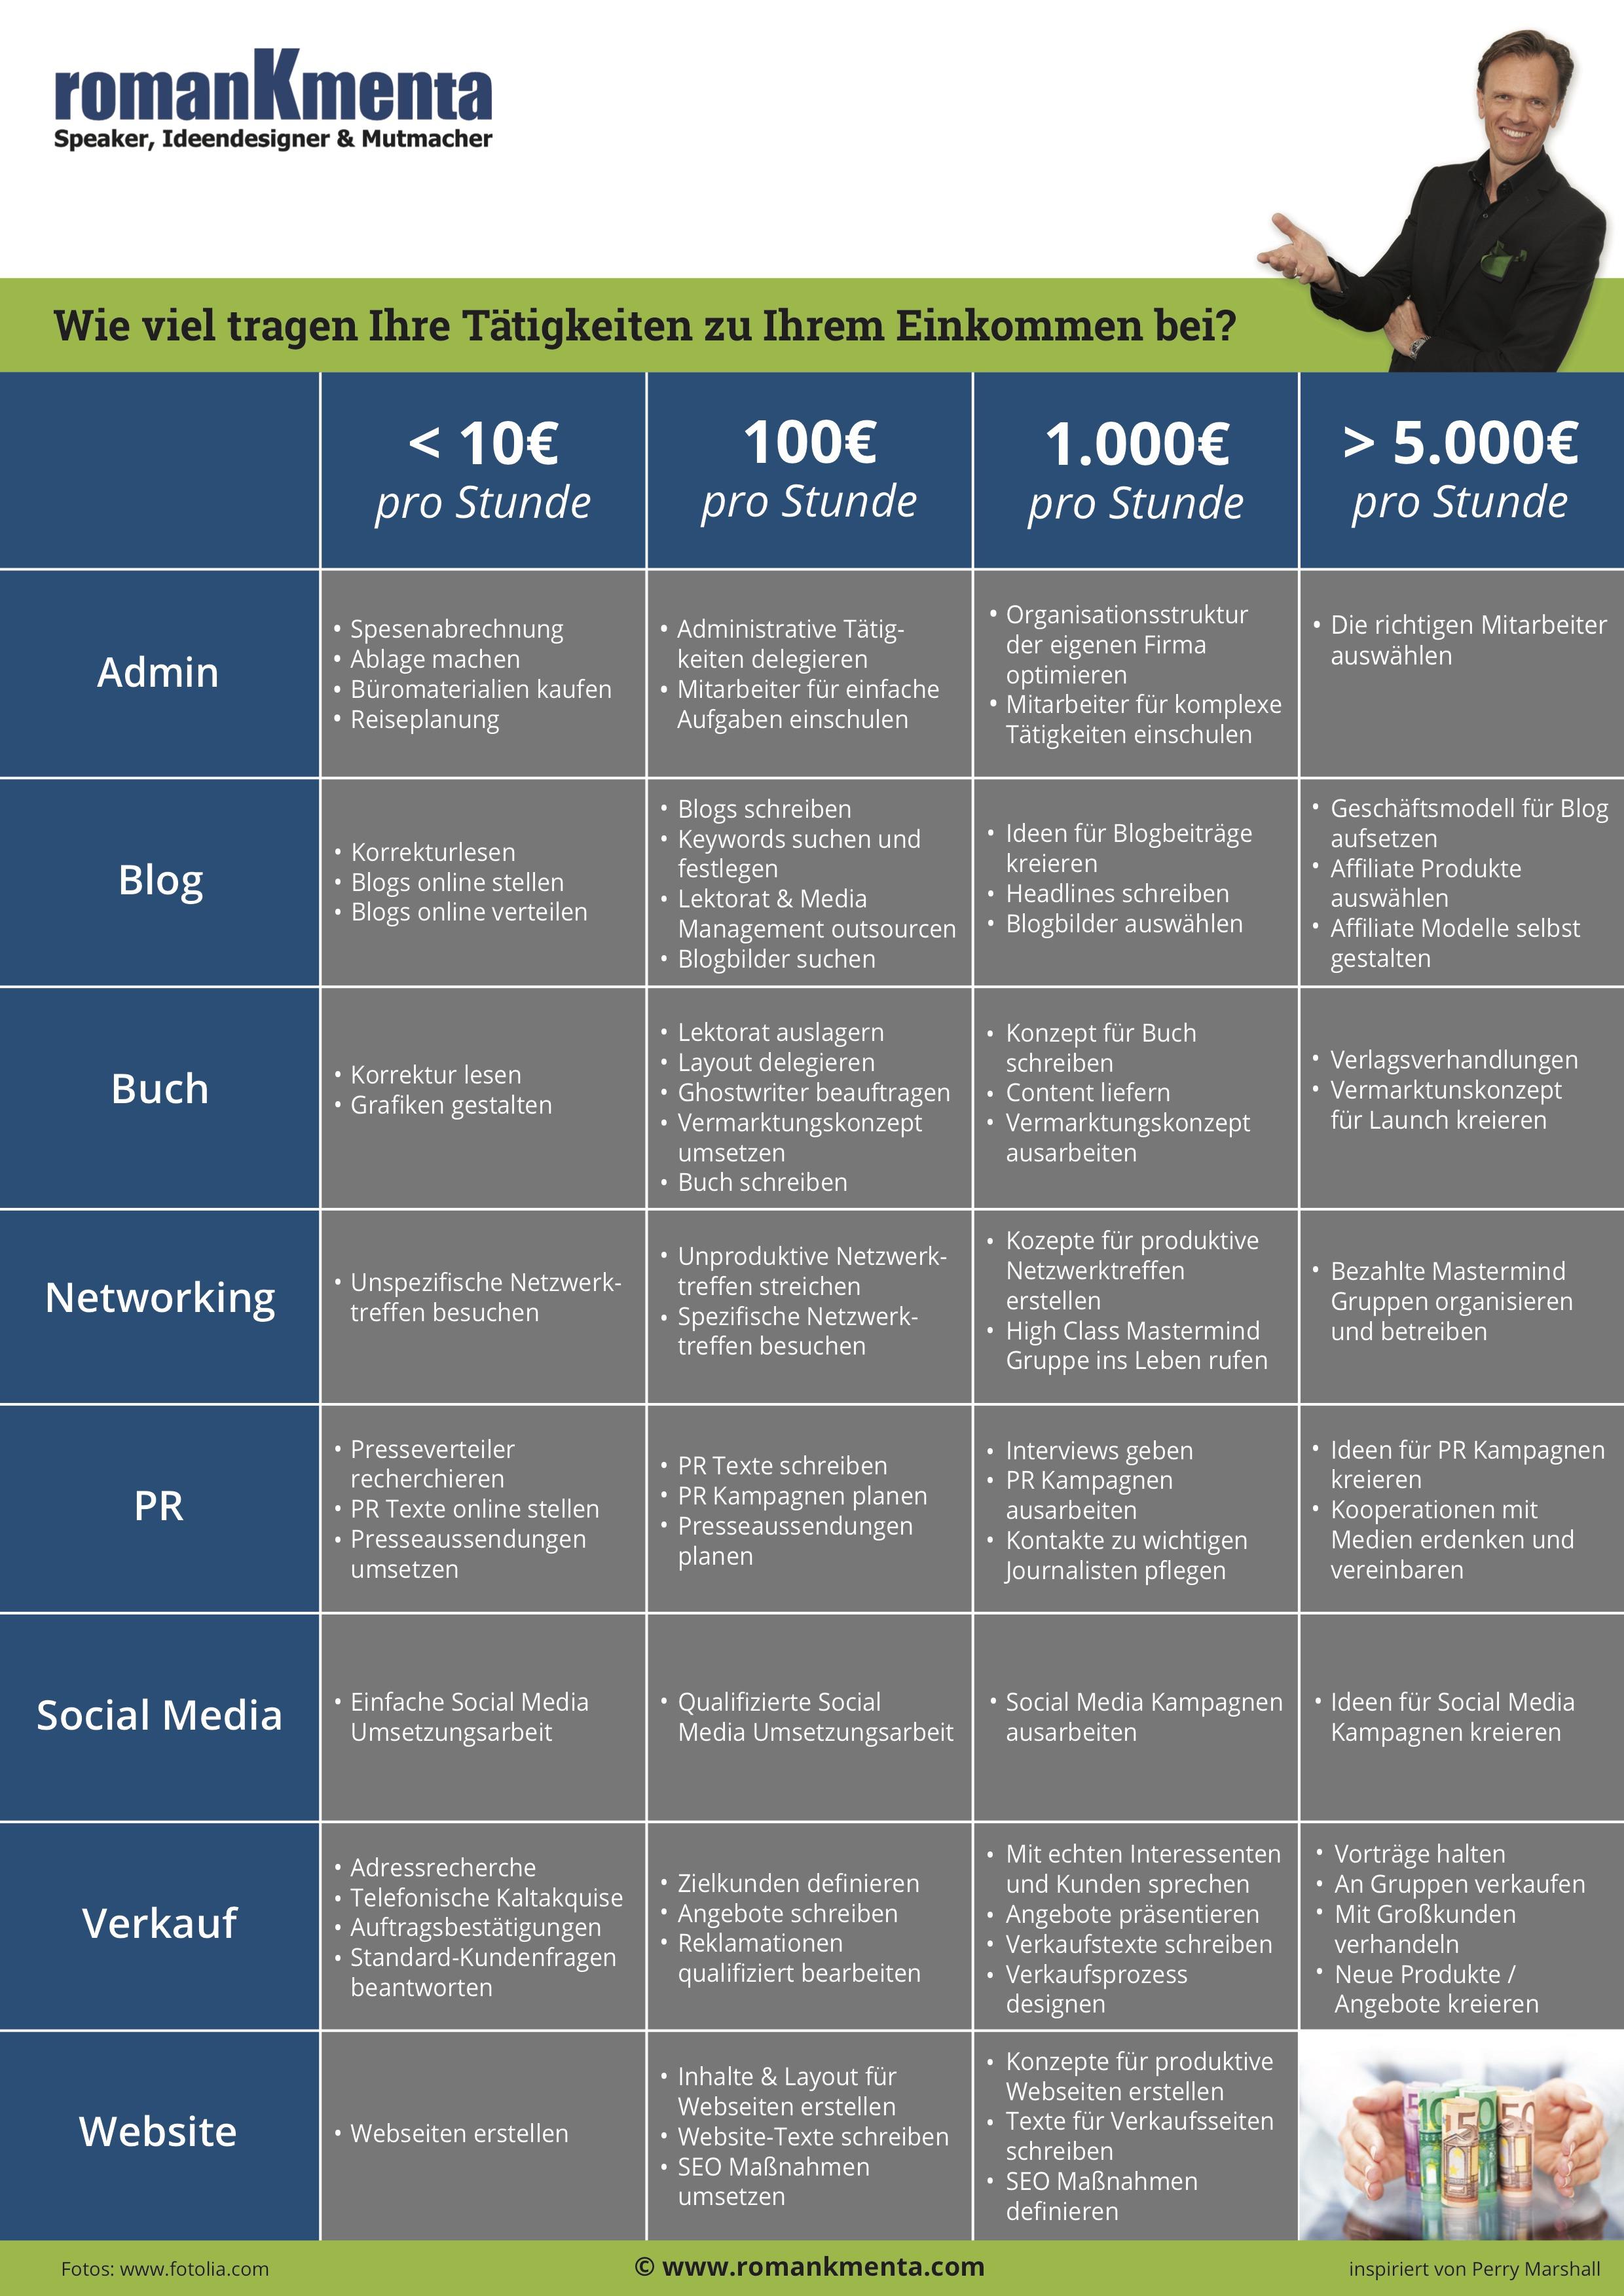 Zeitmanagement - Roman Kmenta - Unternehmer und Vortragsredner - Prioritäten setzen - 100.000 Euro Zone